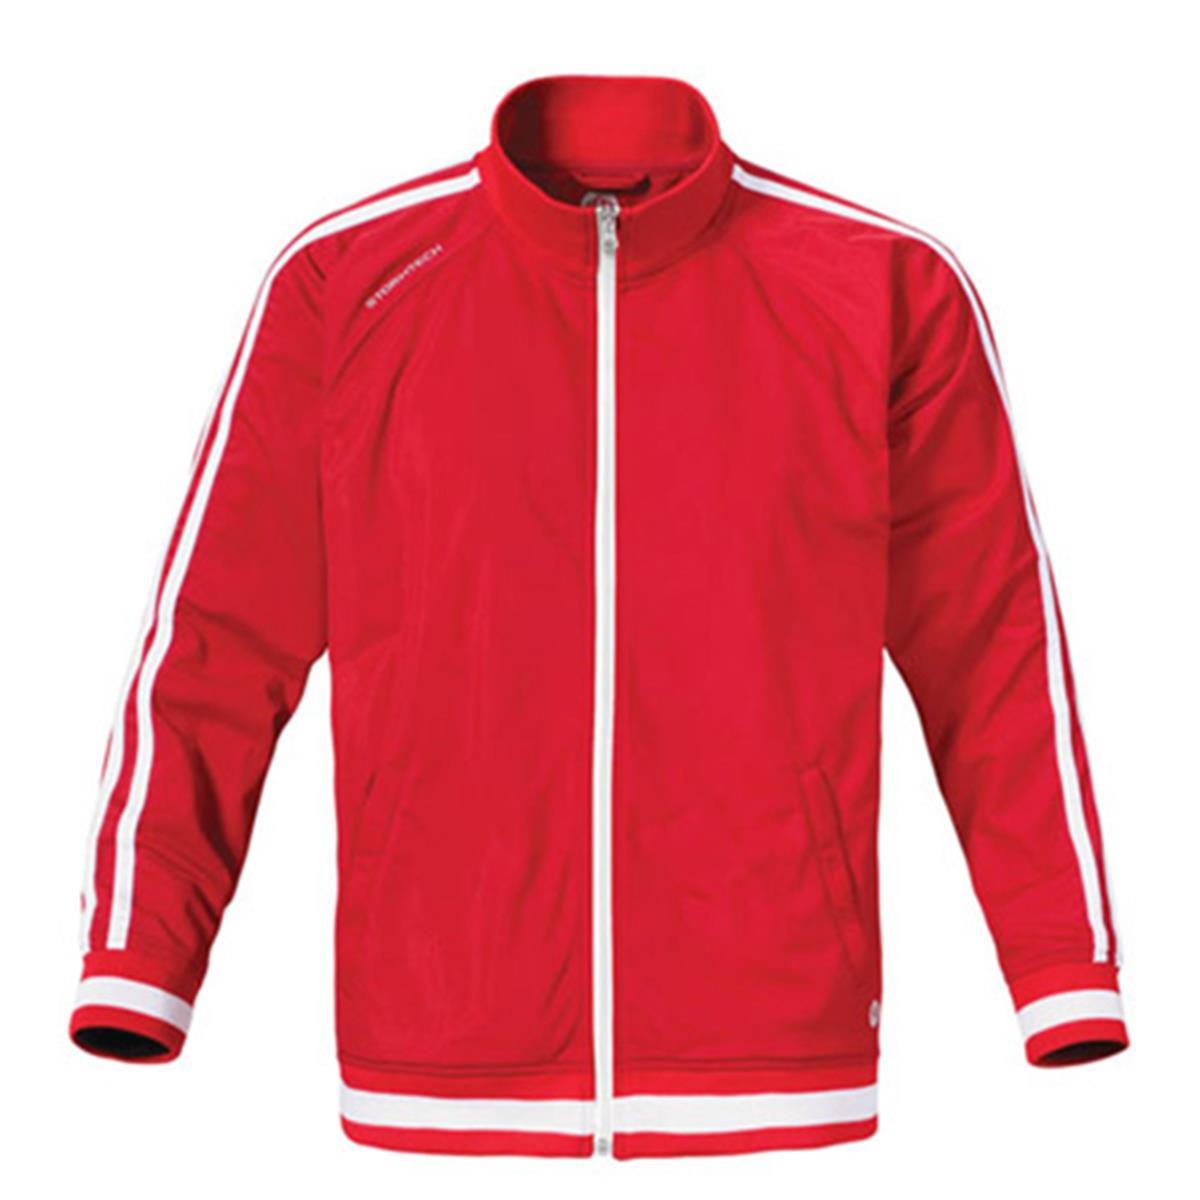 ADPAG56: Đồng phục áo gió0